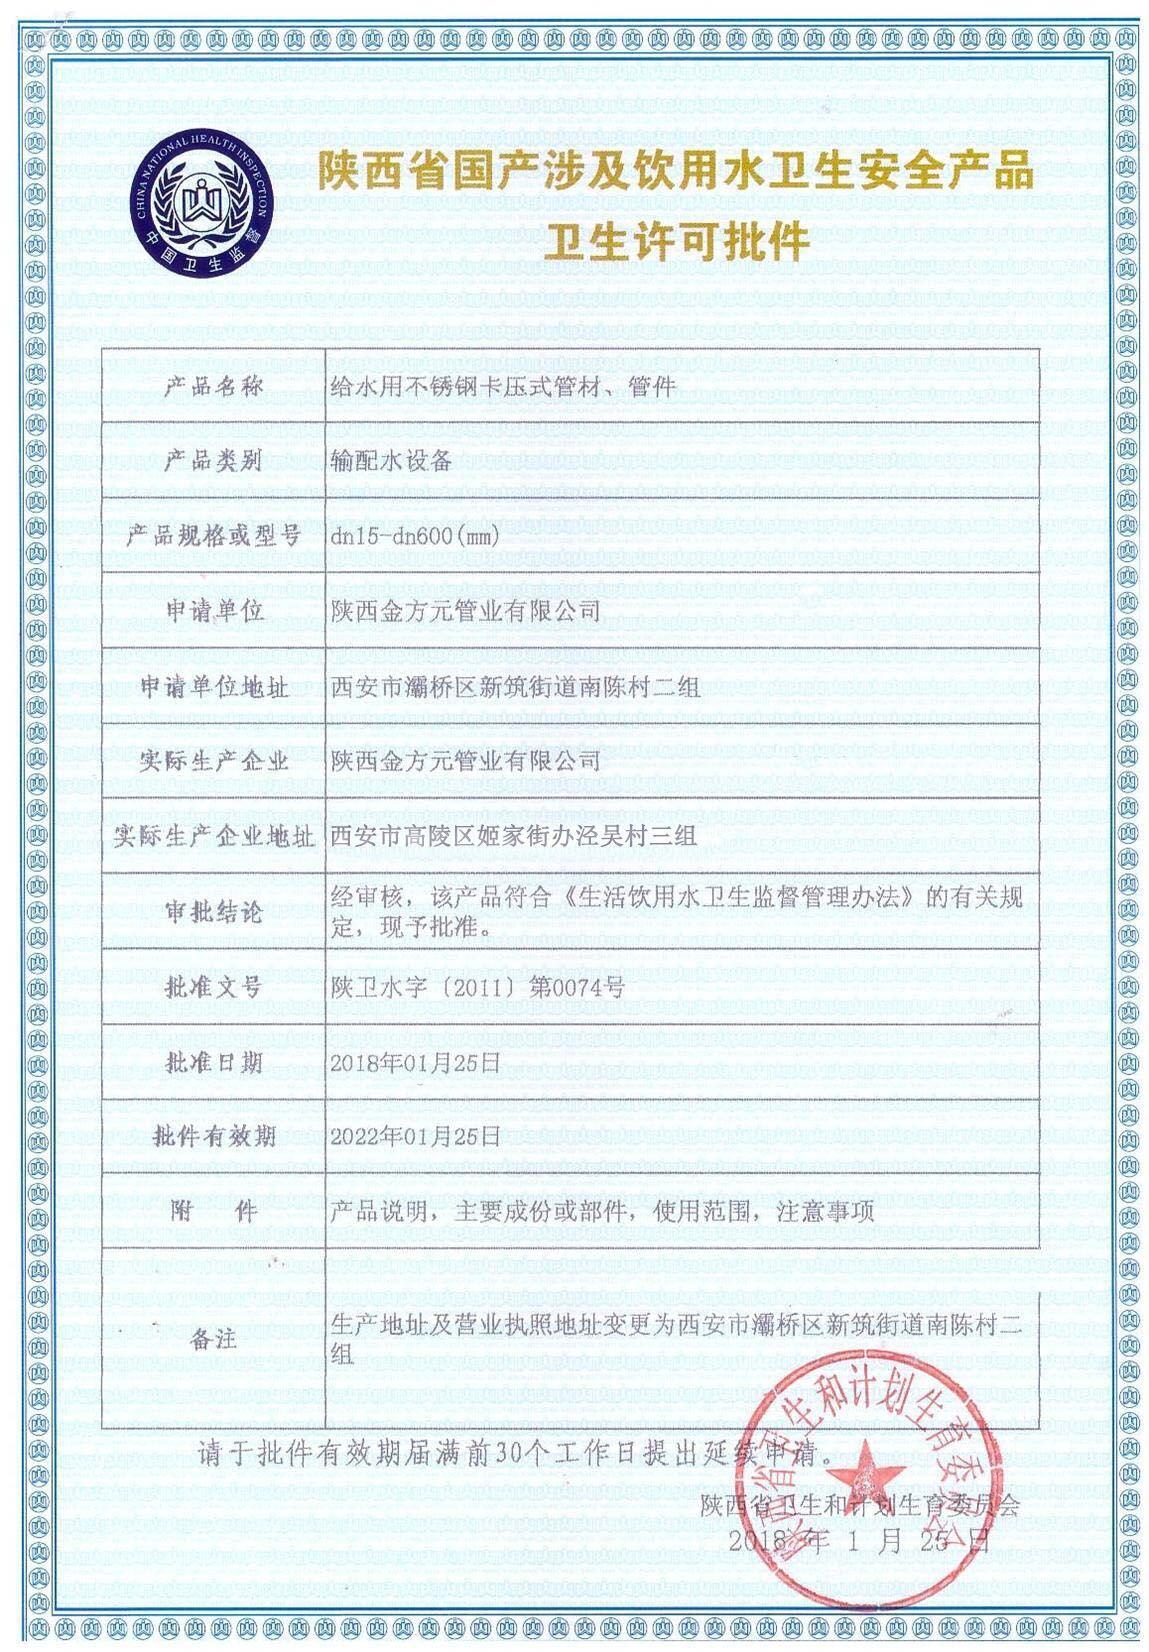 安全产品卫生许可证